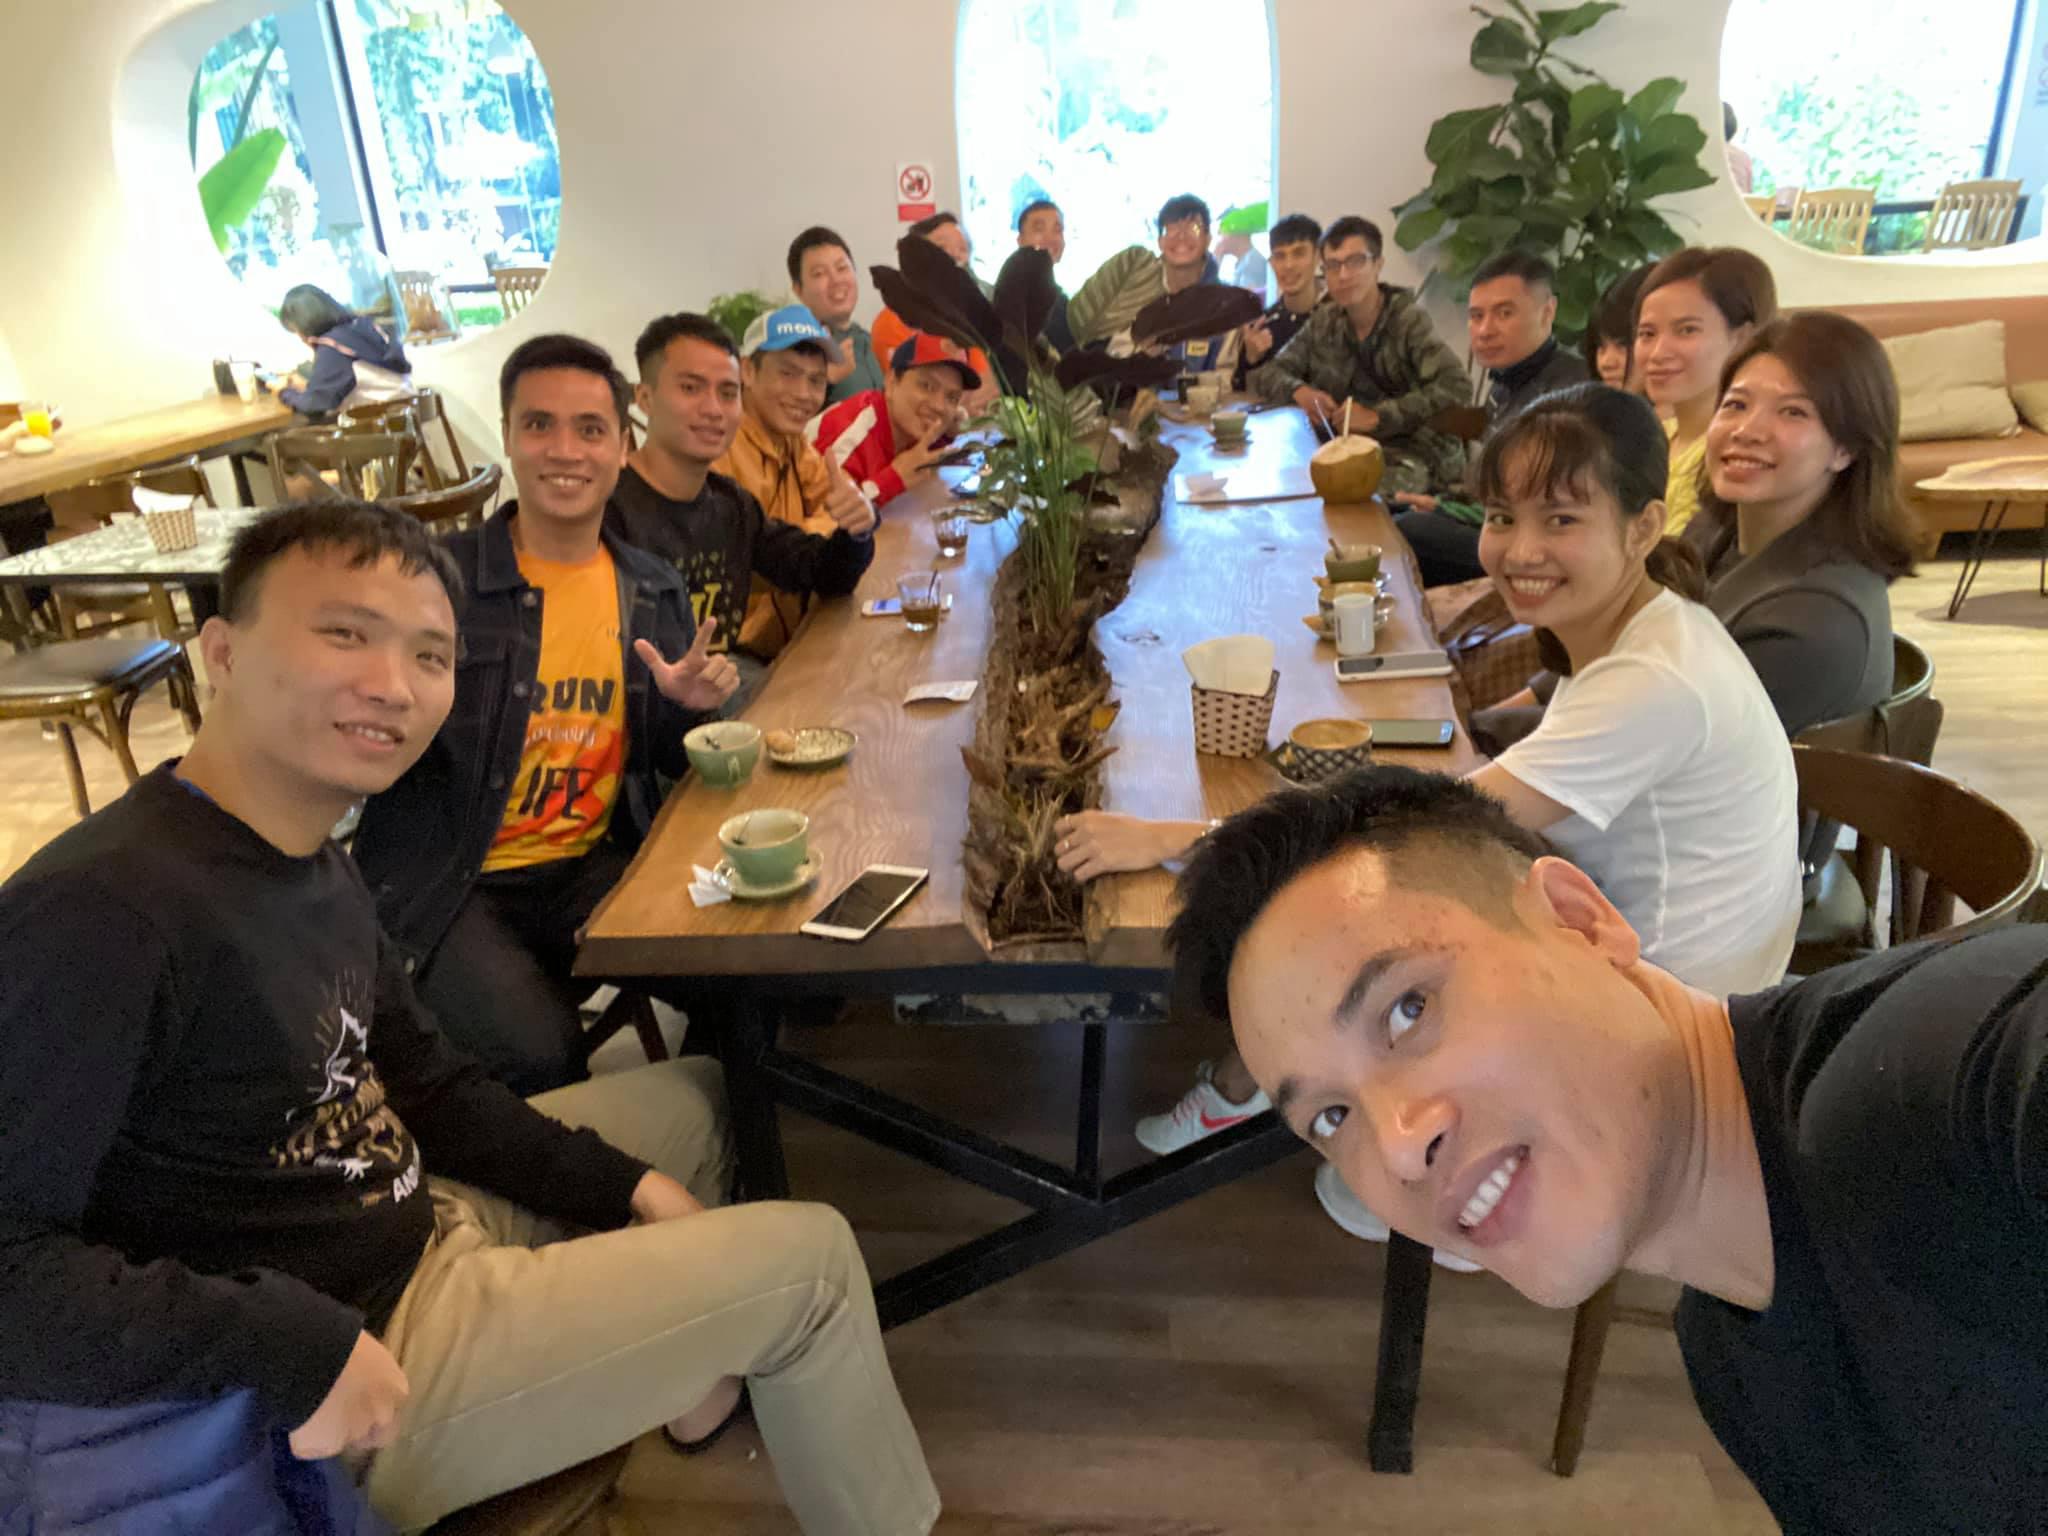 Cafe trước khi nhận Bib của giải LongBien Marathon 3h sáng mai!!